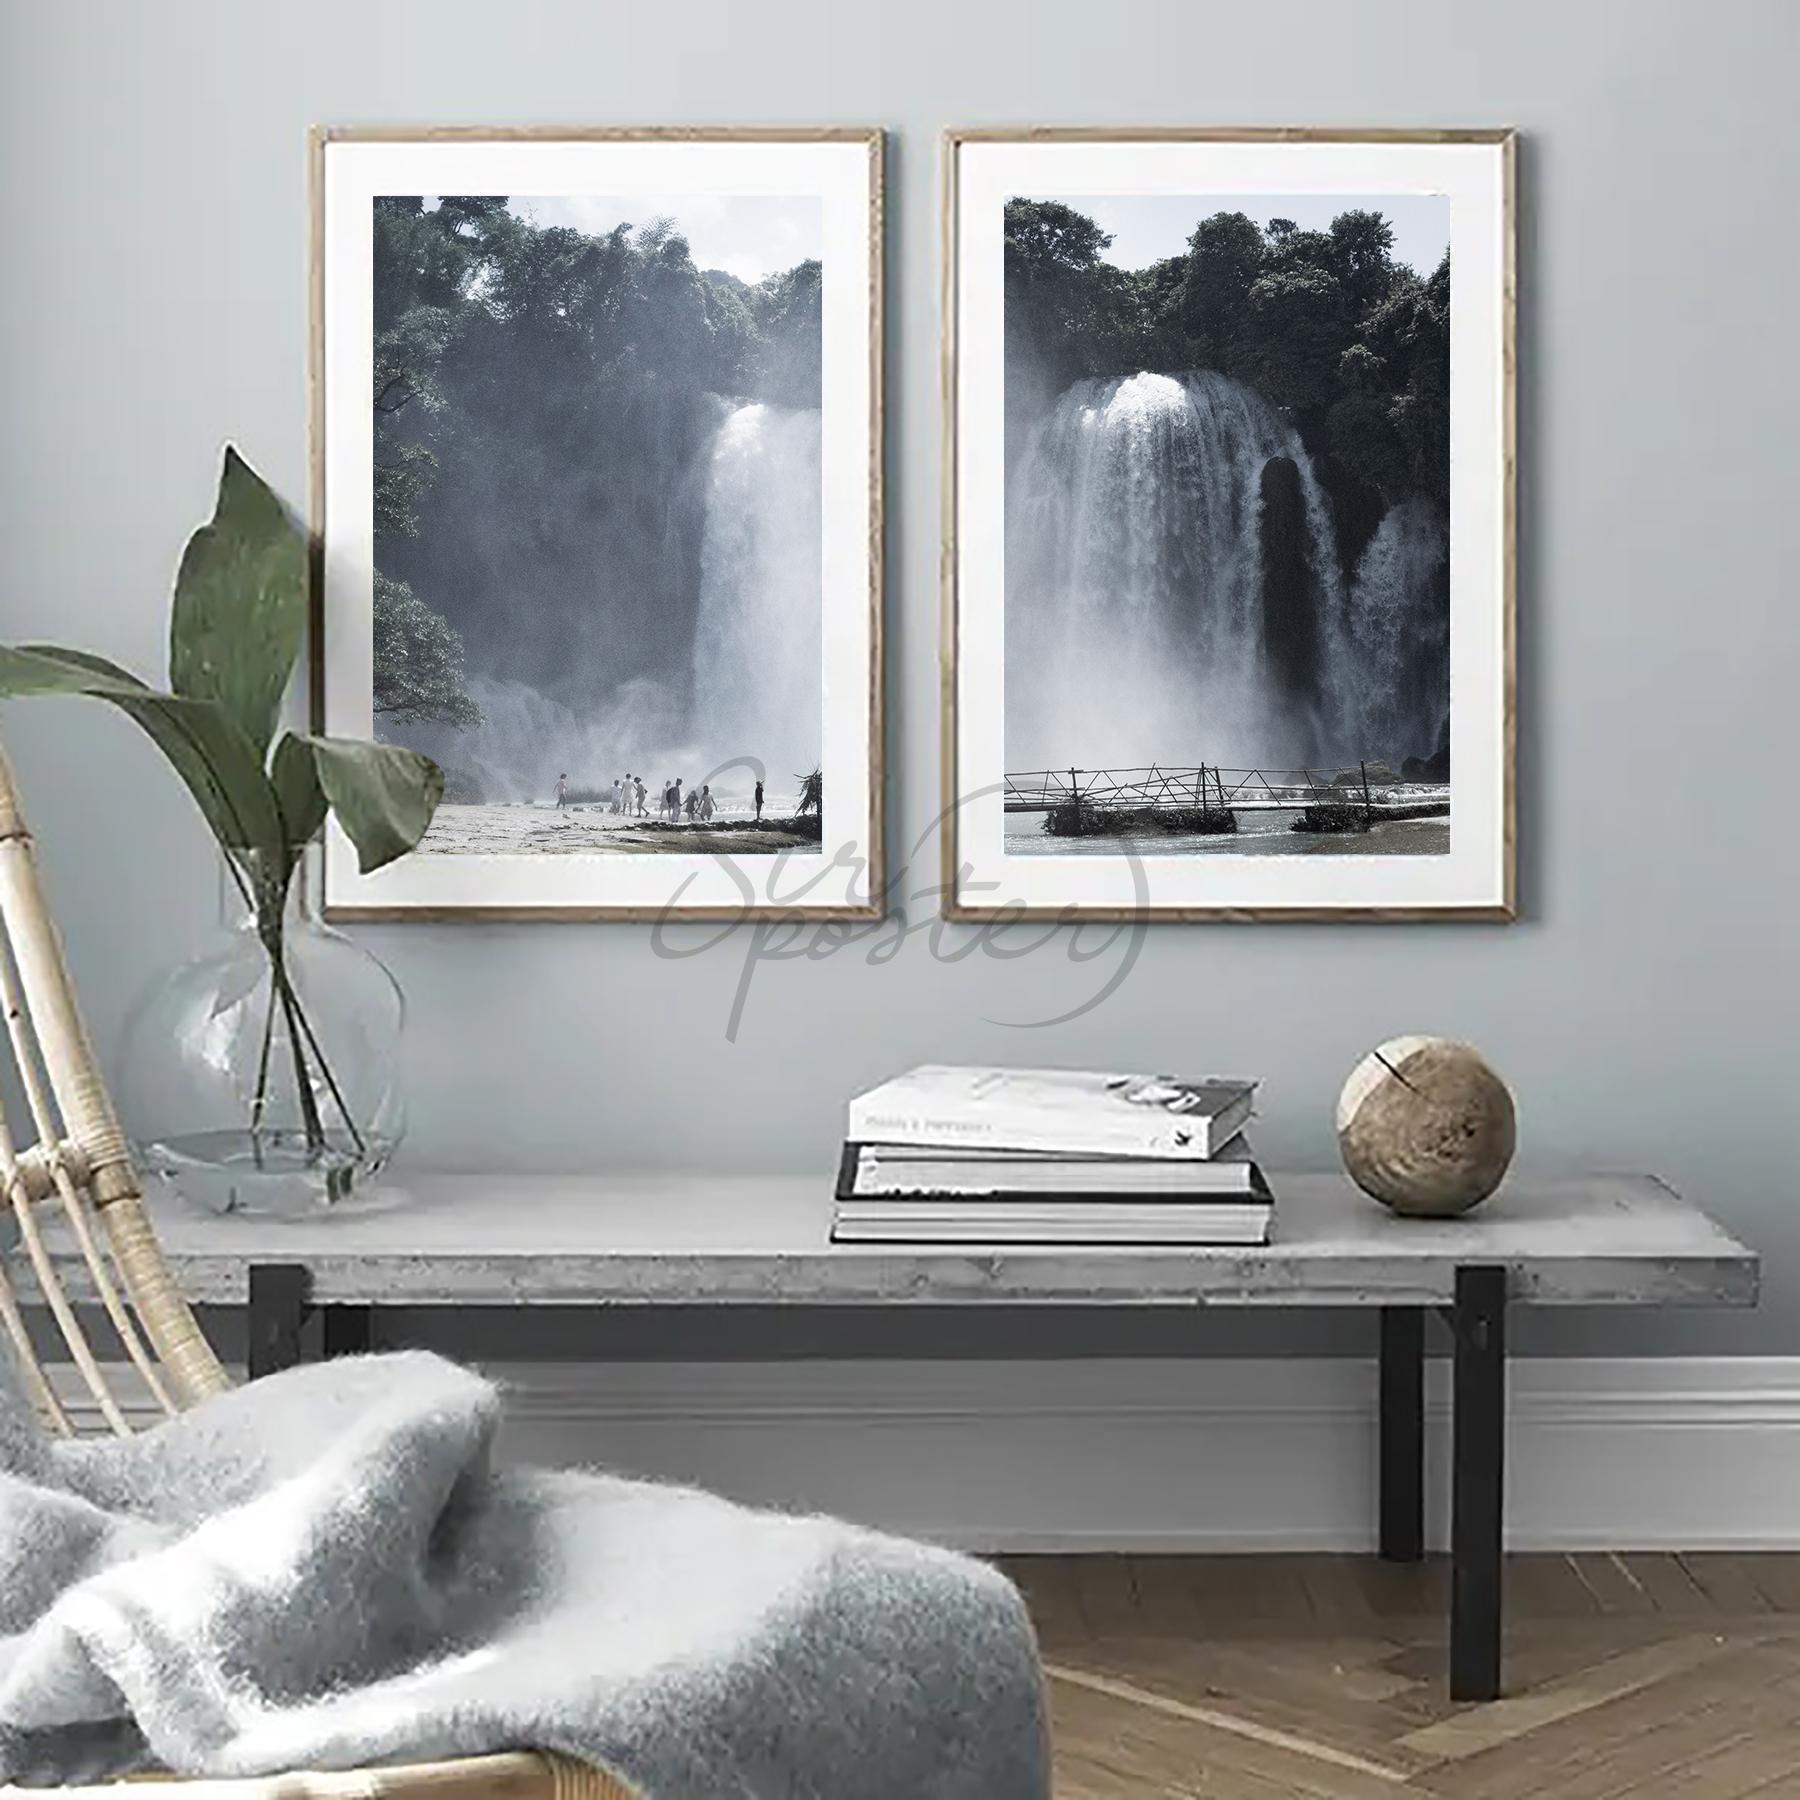 مجموعه تابلو آبشار